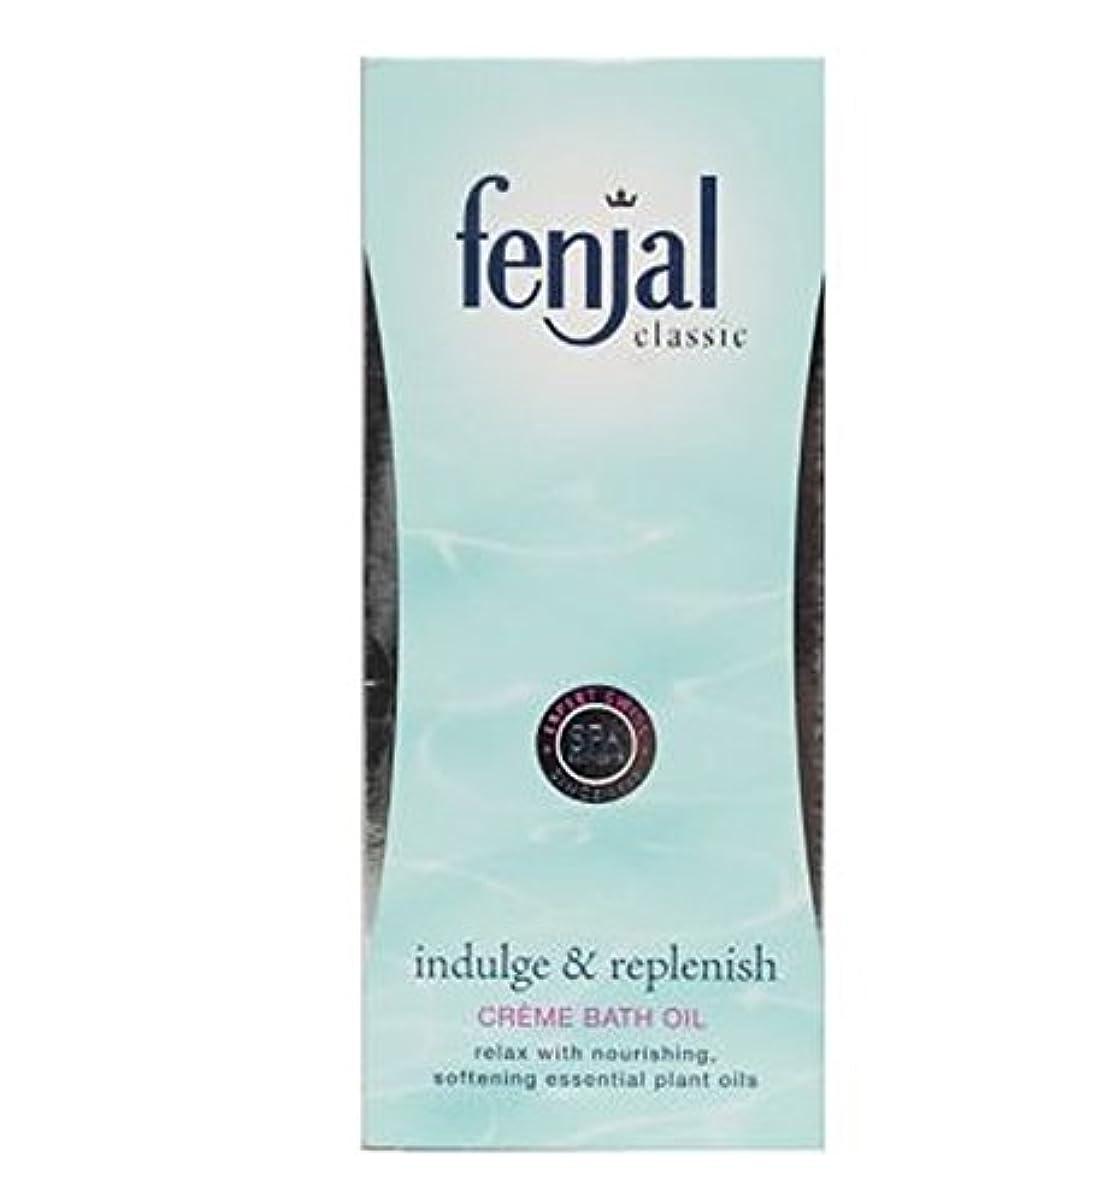 主権者間隔動詞Fenjal古典的な高級クリームバスオイル125ミリリットル (Fenjal) (x2) - Fenjal Classic Luxury Creme Bath Oil 125 ml (Pack of 2) [並行輸入品]